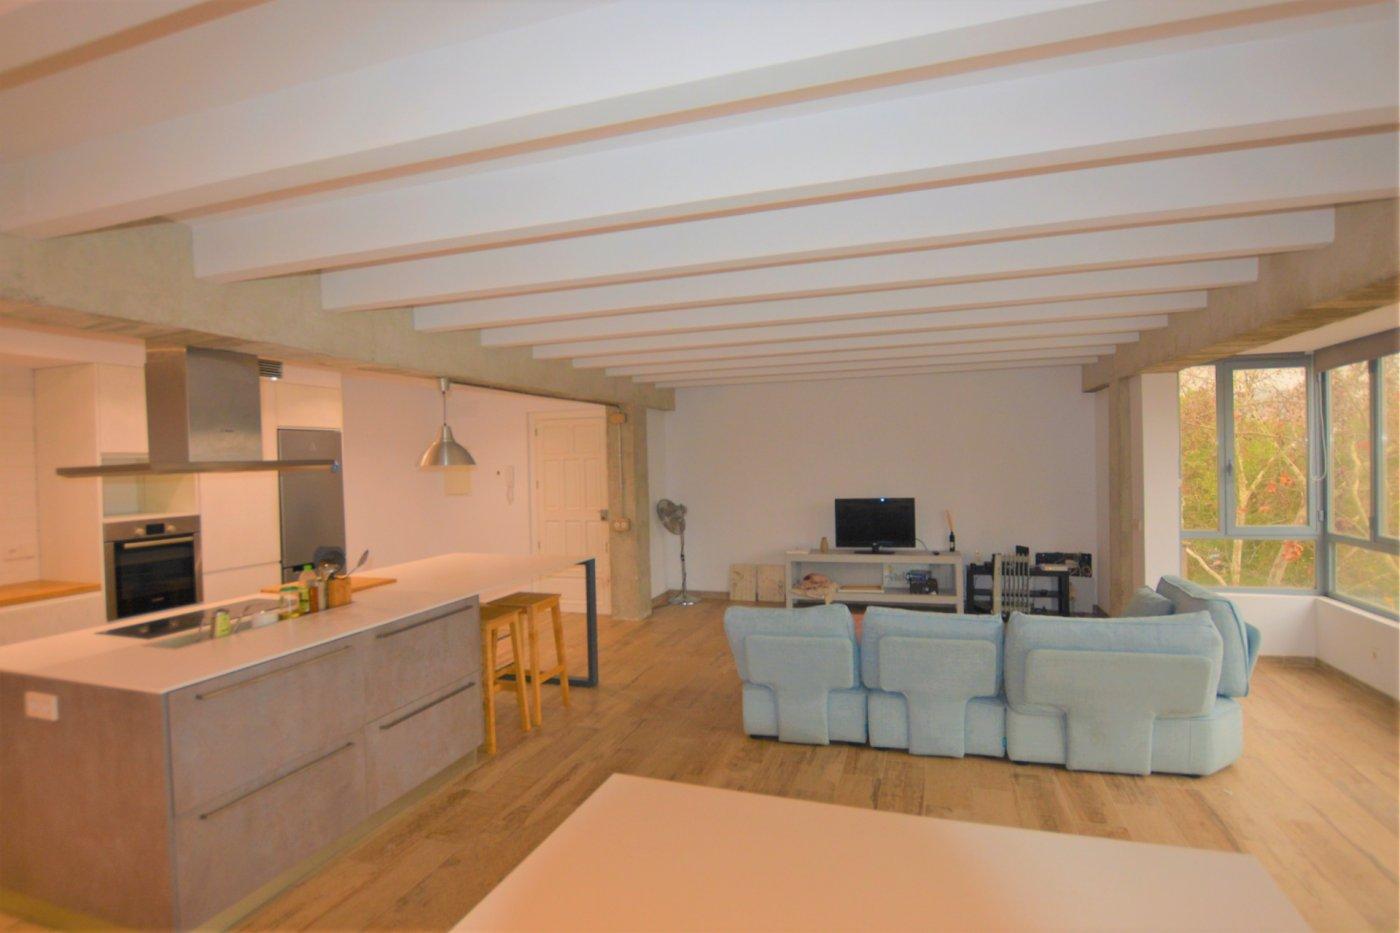 Increíble piso recientemente reformado. - imagenInmueble10